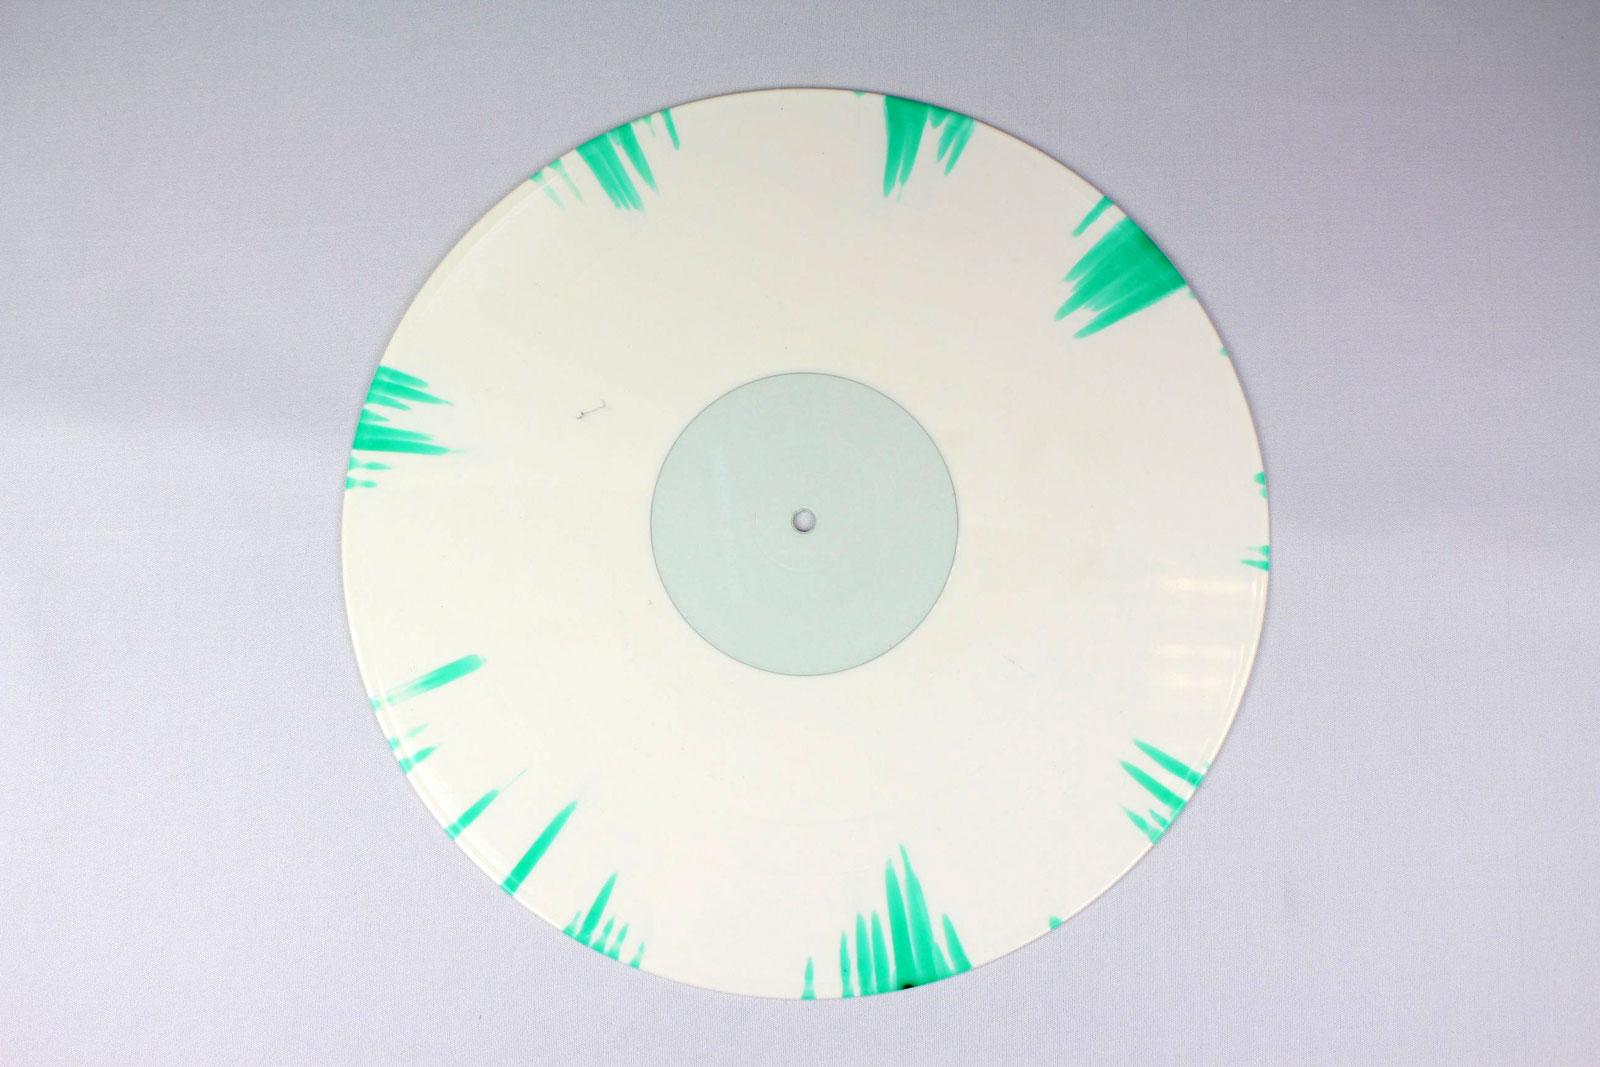 70% white + 30% clear / Splatter: green